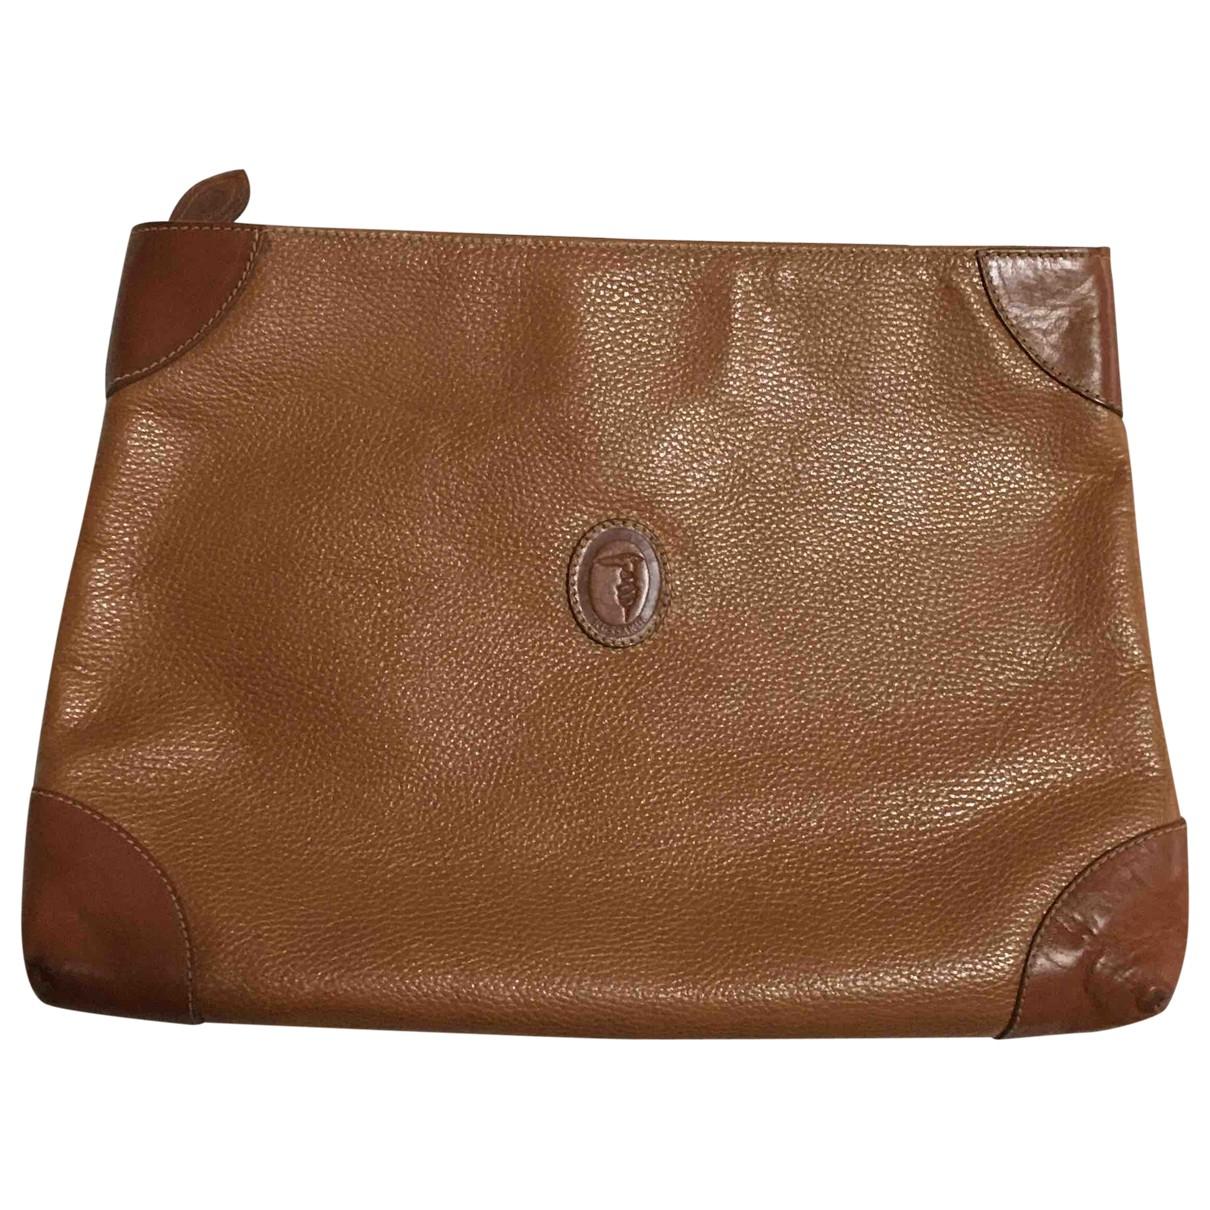 Trussardi \N Leather Clutch bag for Women \N